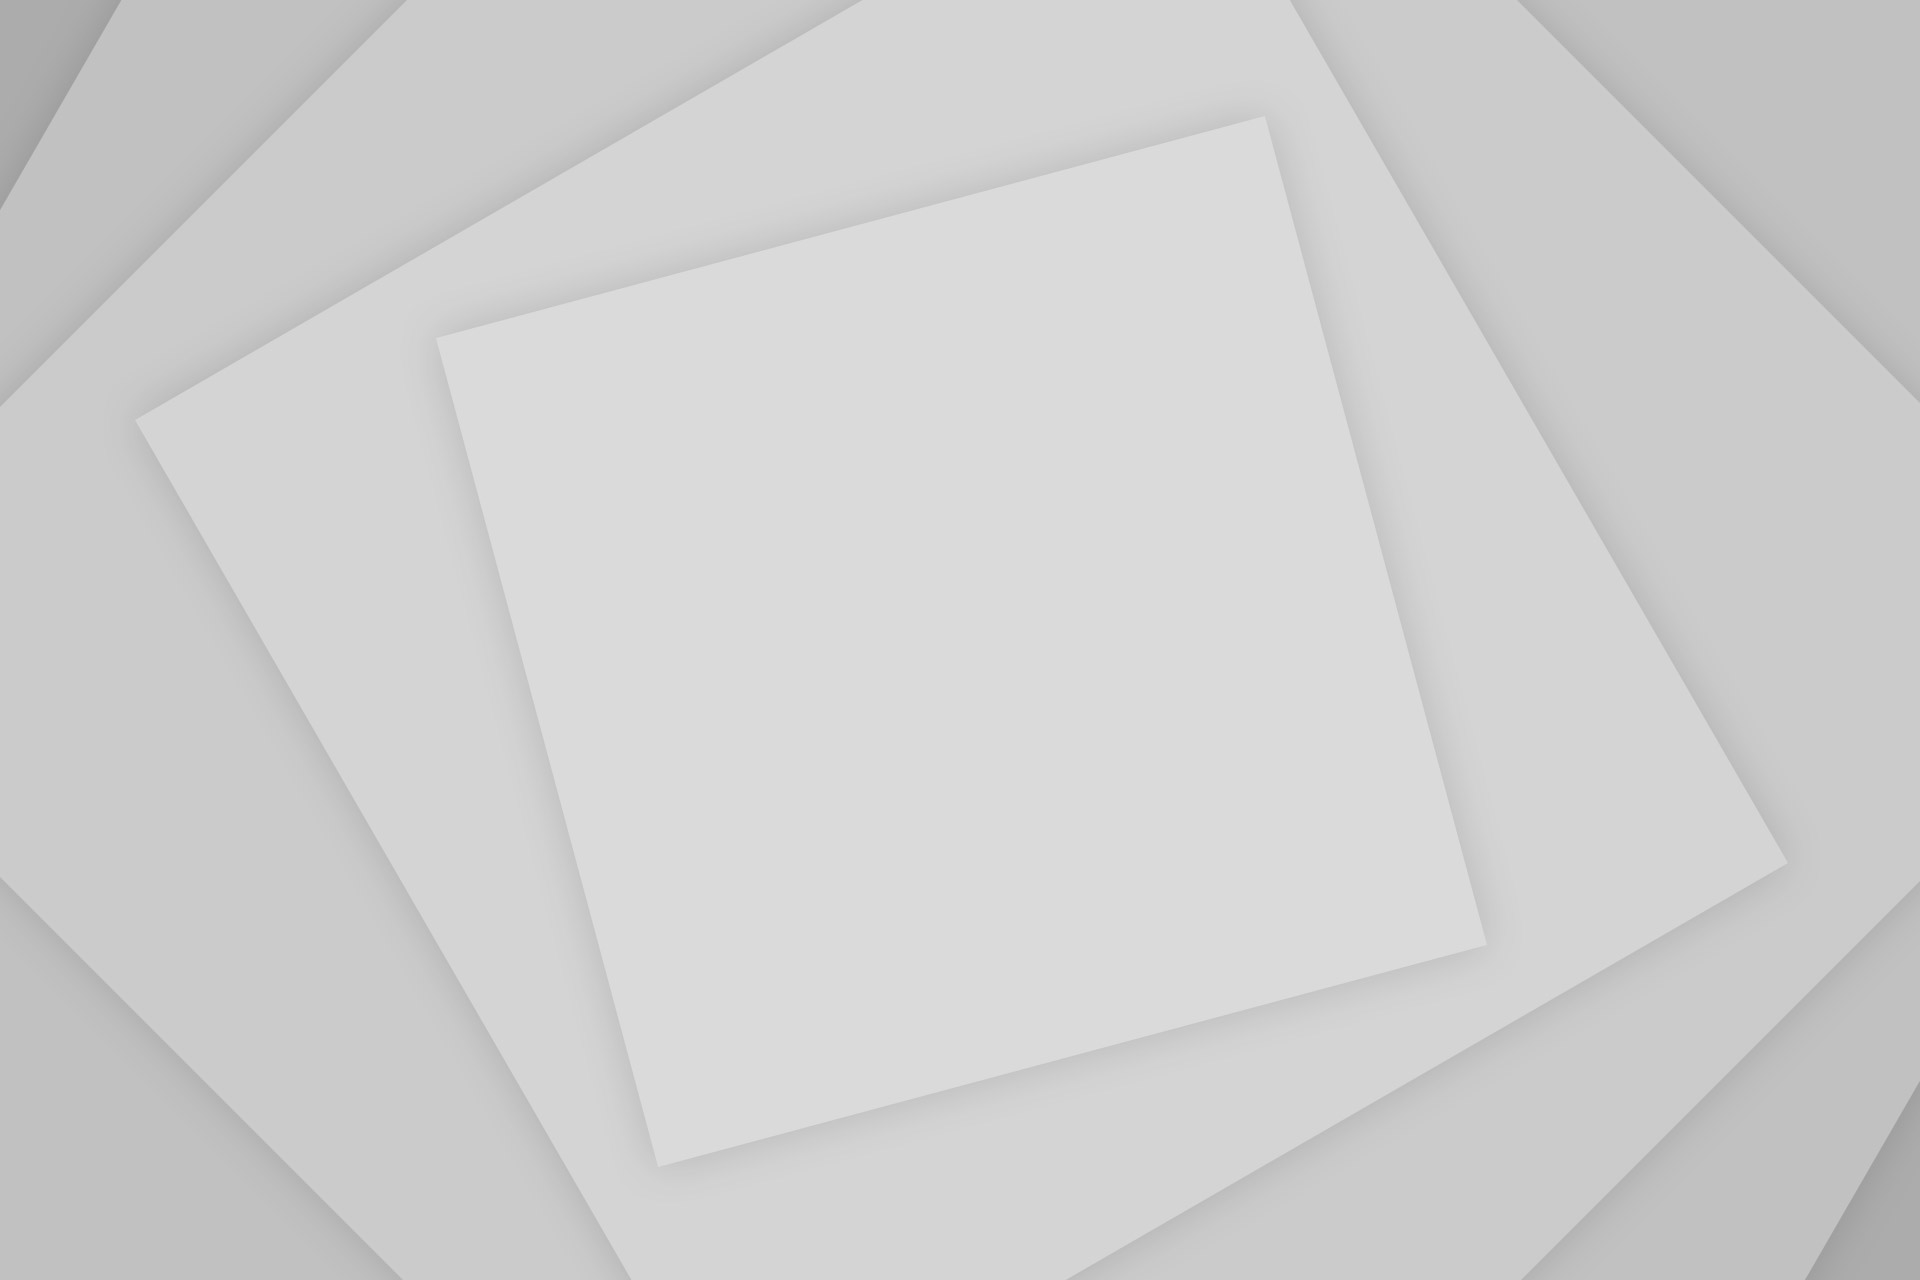 কবরস্থানের জঙ্গলে মিলল ইউপি সদস্যের ছেলের লাশ